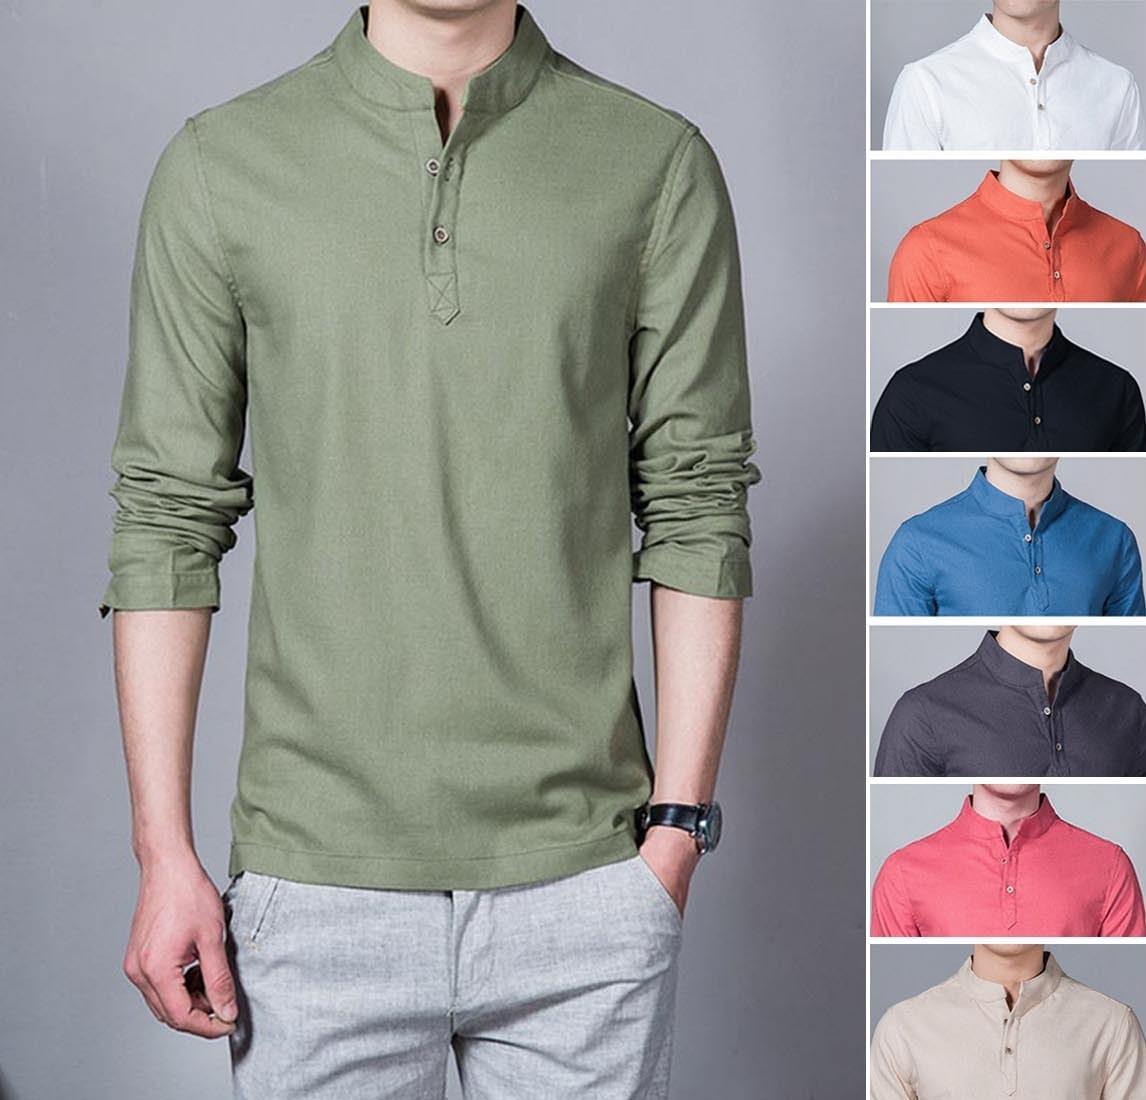 Baju Kemeja Koko Shaquile Hitam Polos. Kemeja Muslim Pria Murah Diskon. Tersedia 8 Warna Pilihan